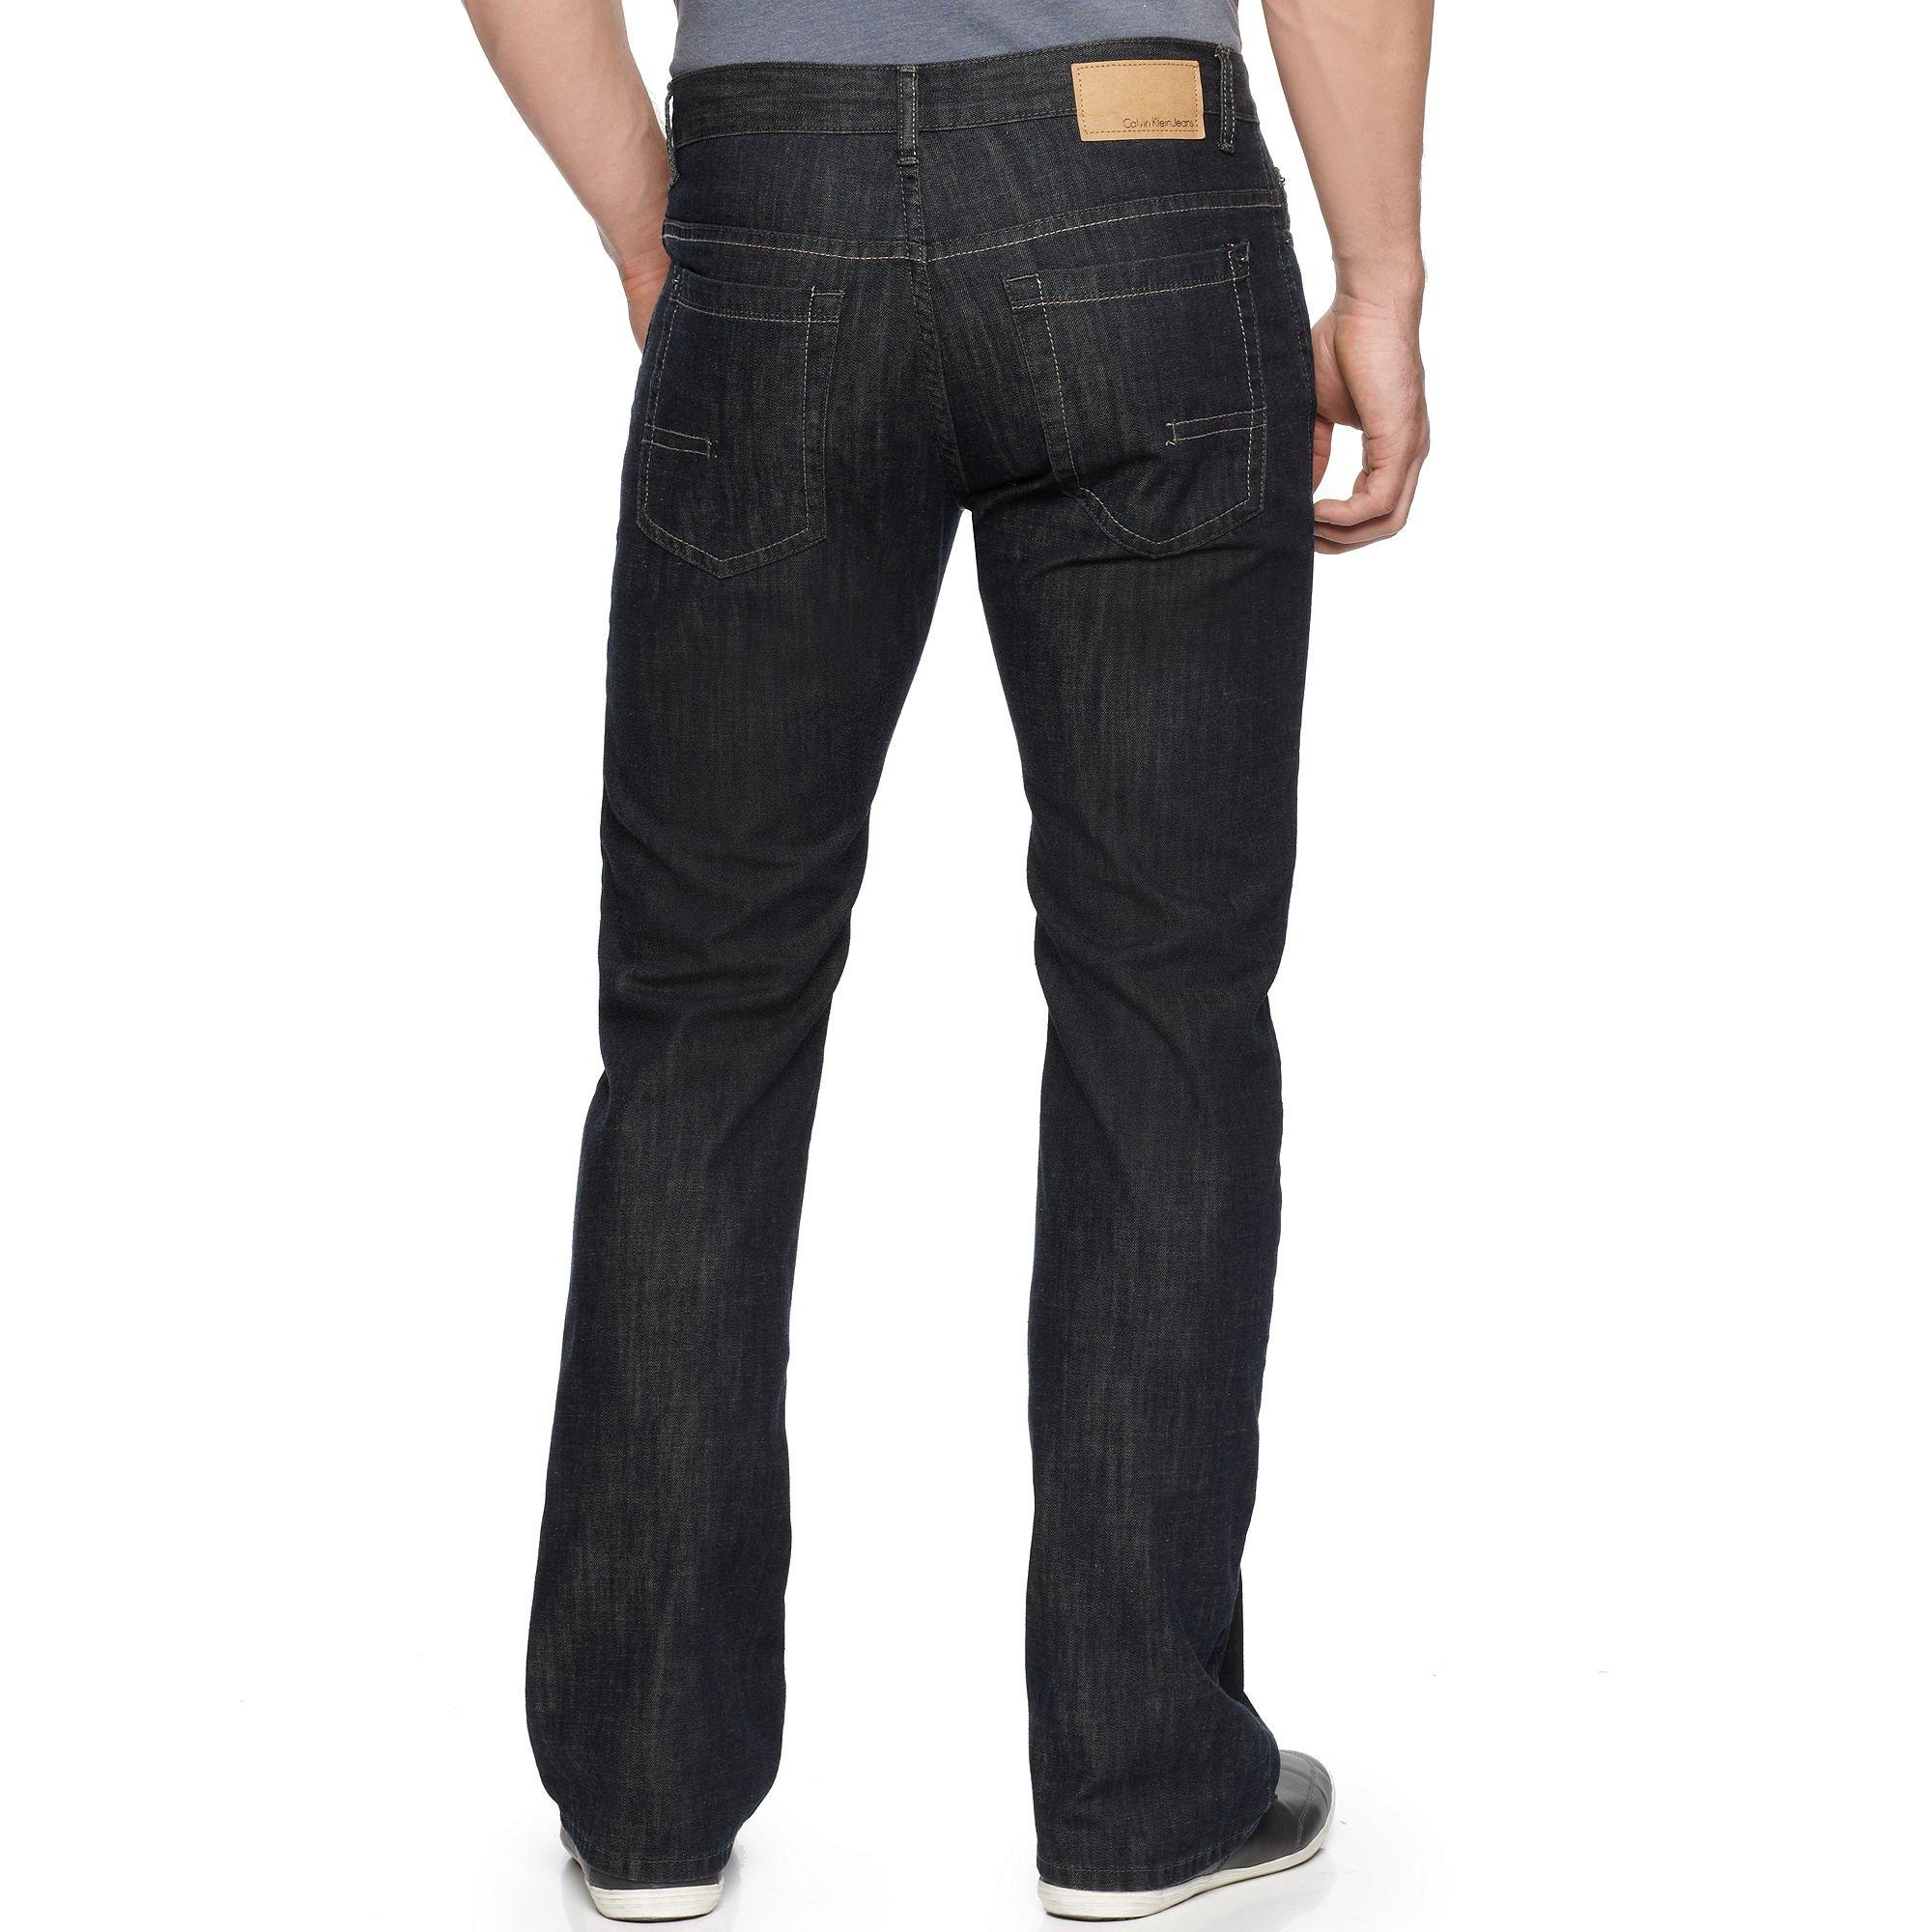 mens dark wash bootcut jeans - Jean Yu Beauty